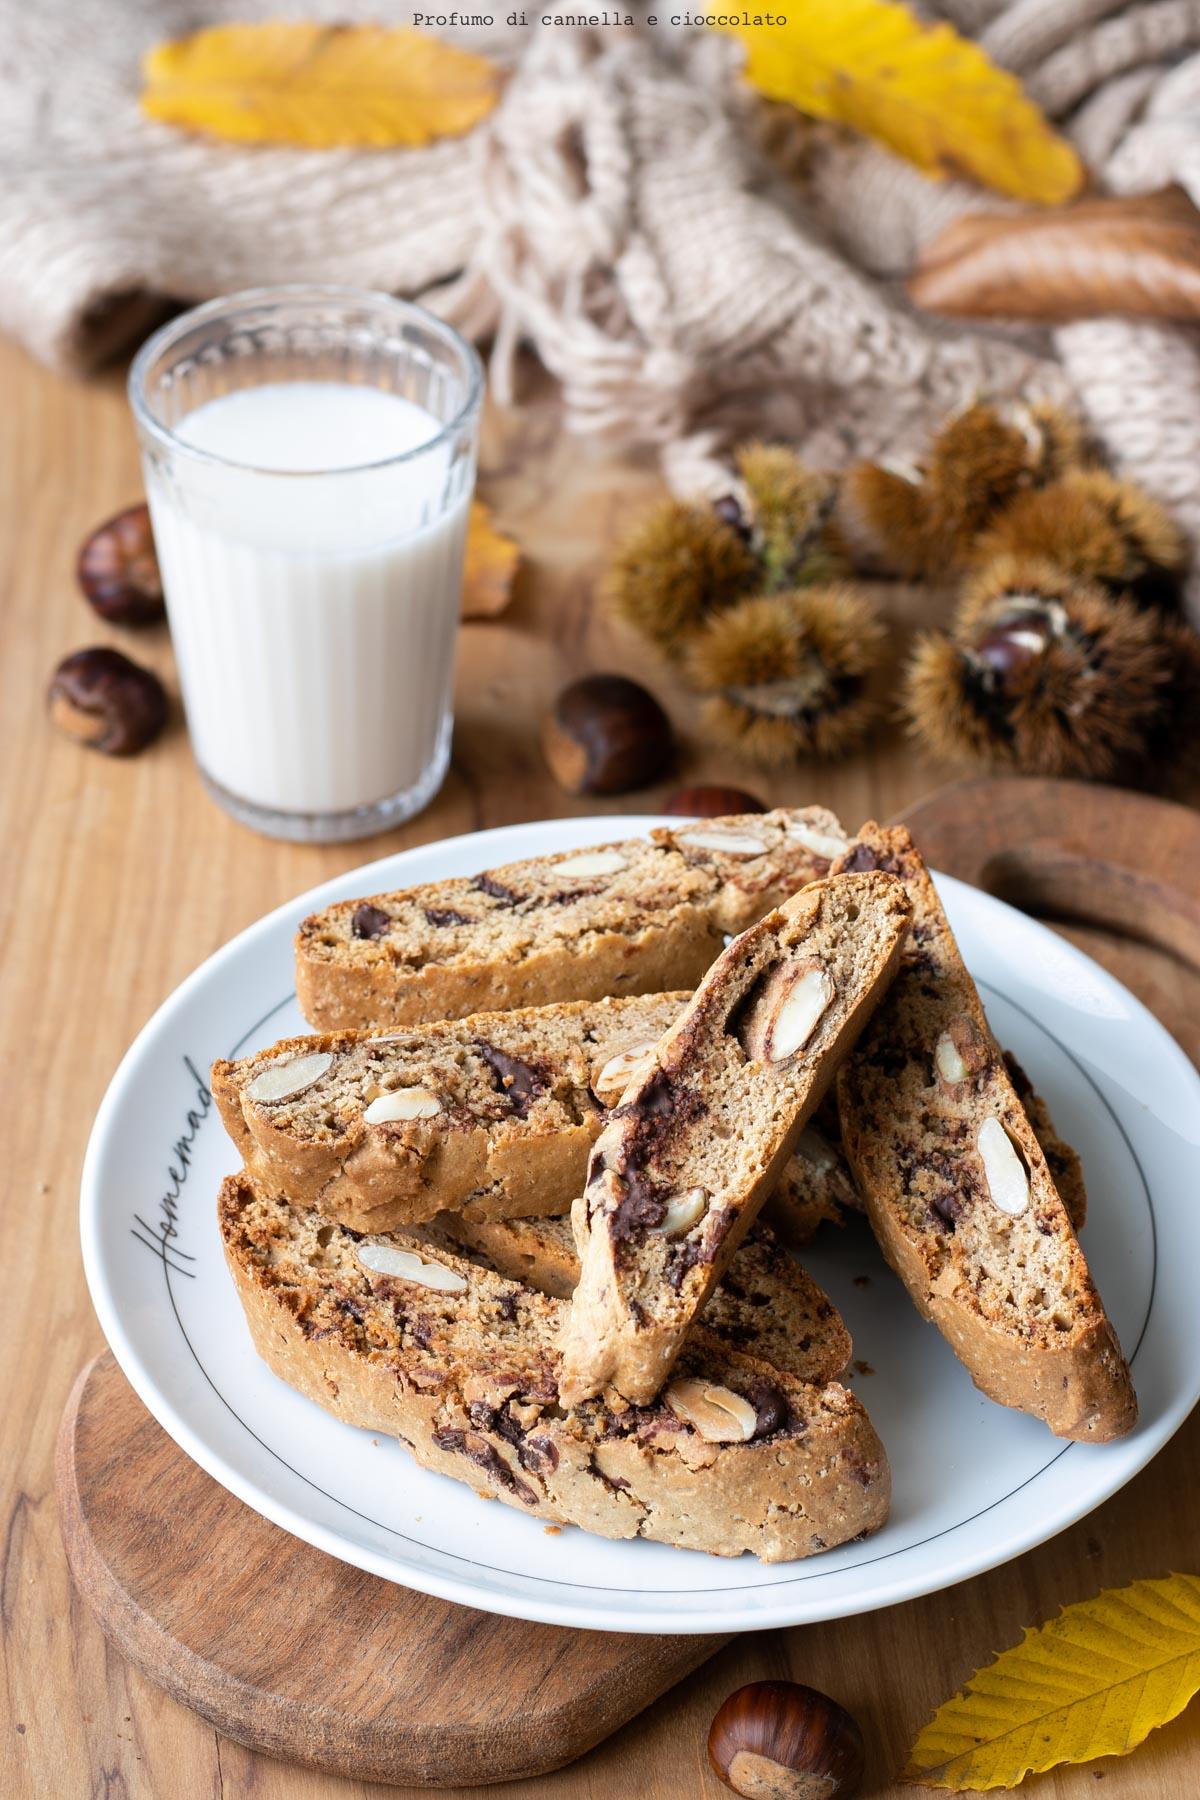 Cantucci con farina di castagne e cioccolato